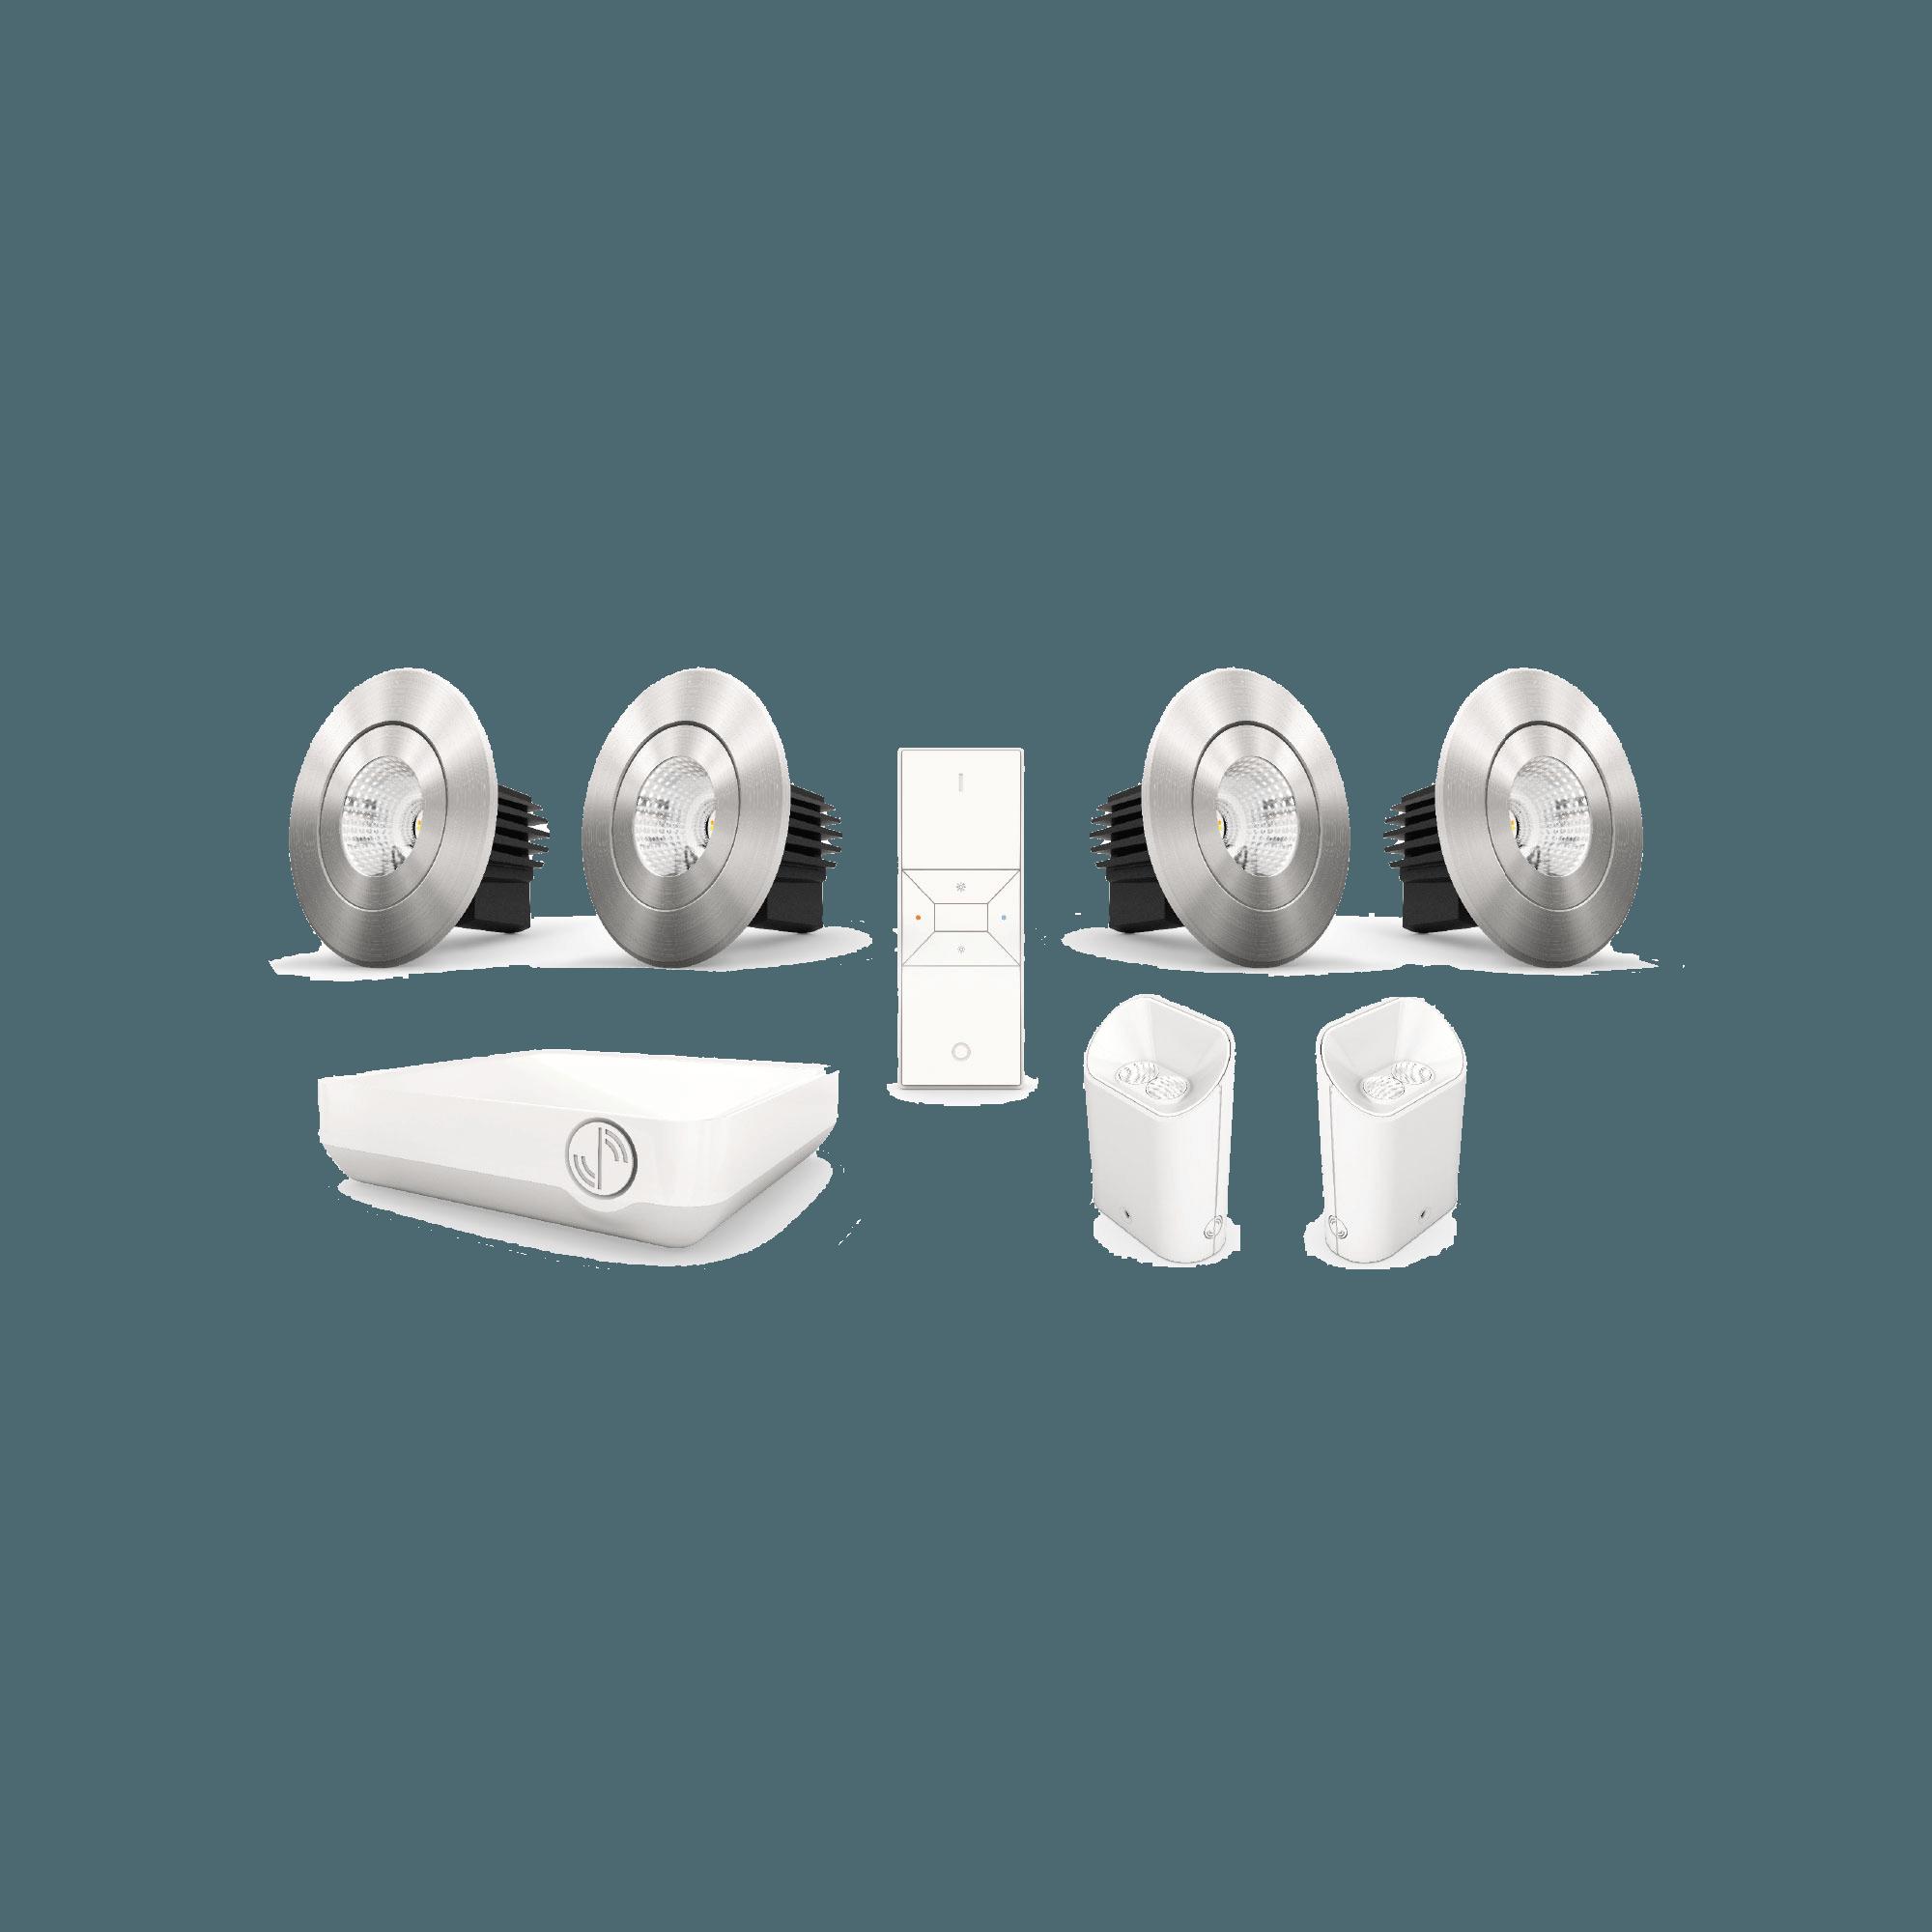 Smartika Kit C